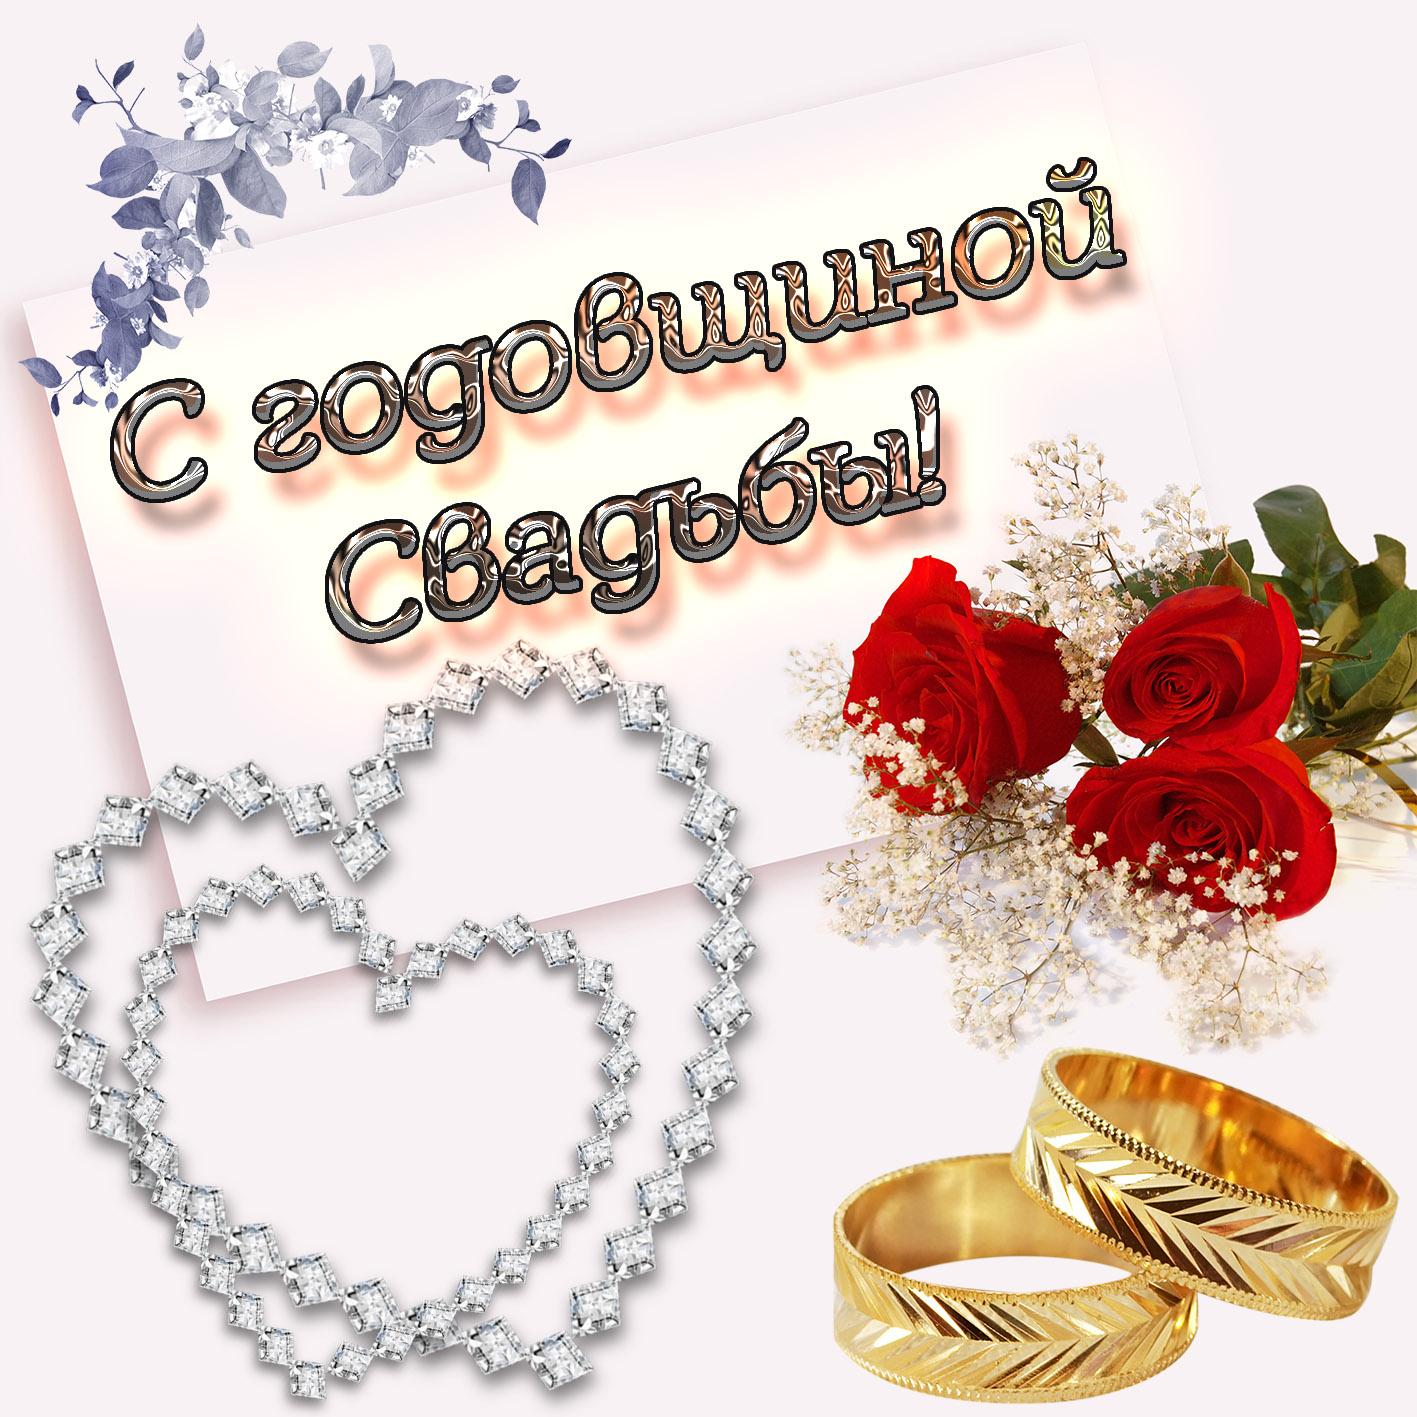 рабочий поздравительные открытки с юбилеем свадьбы легко